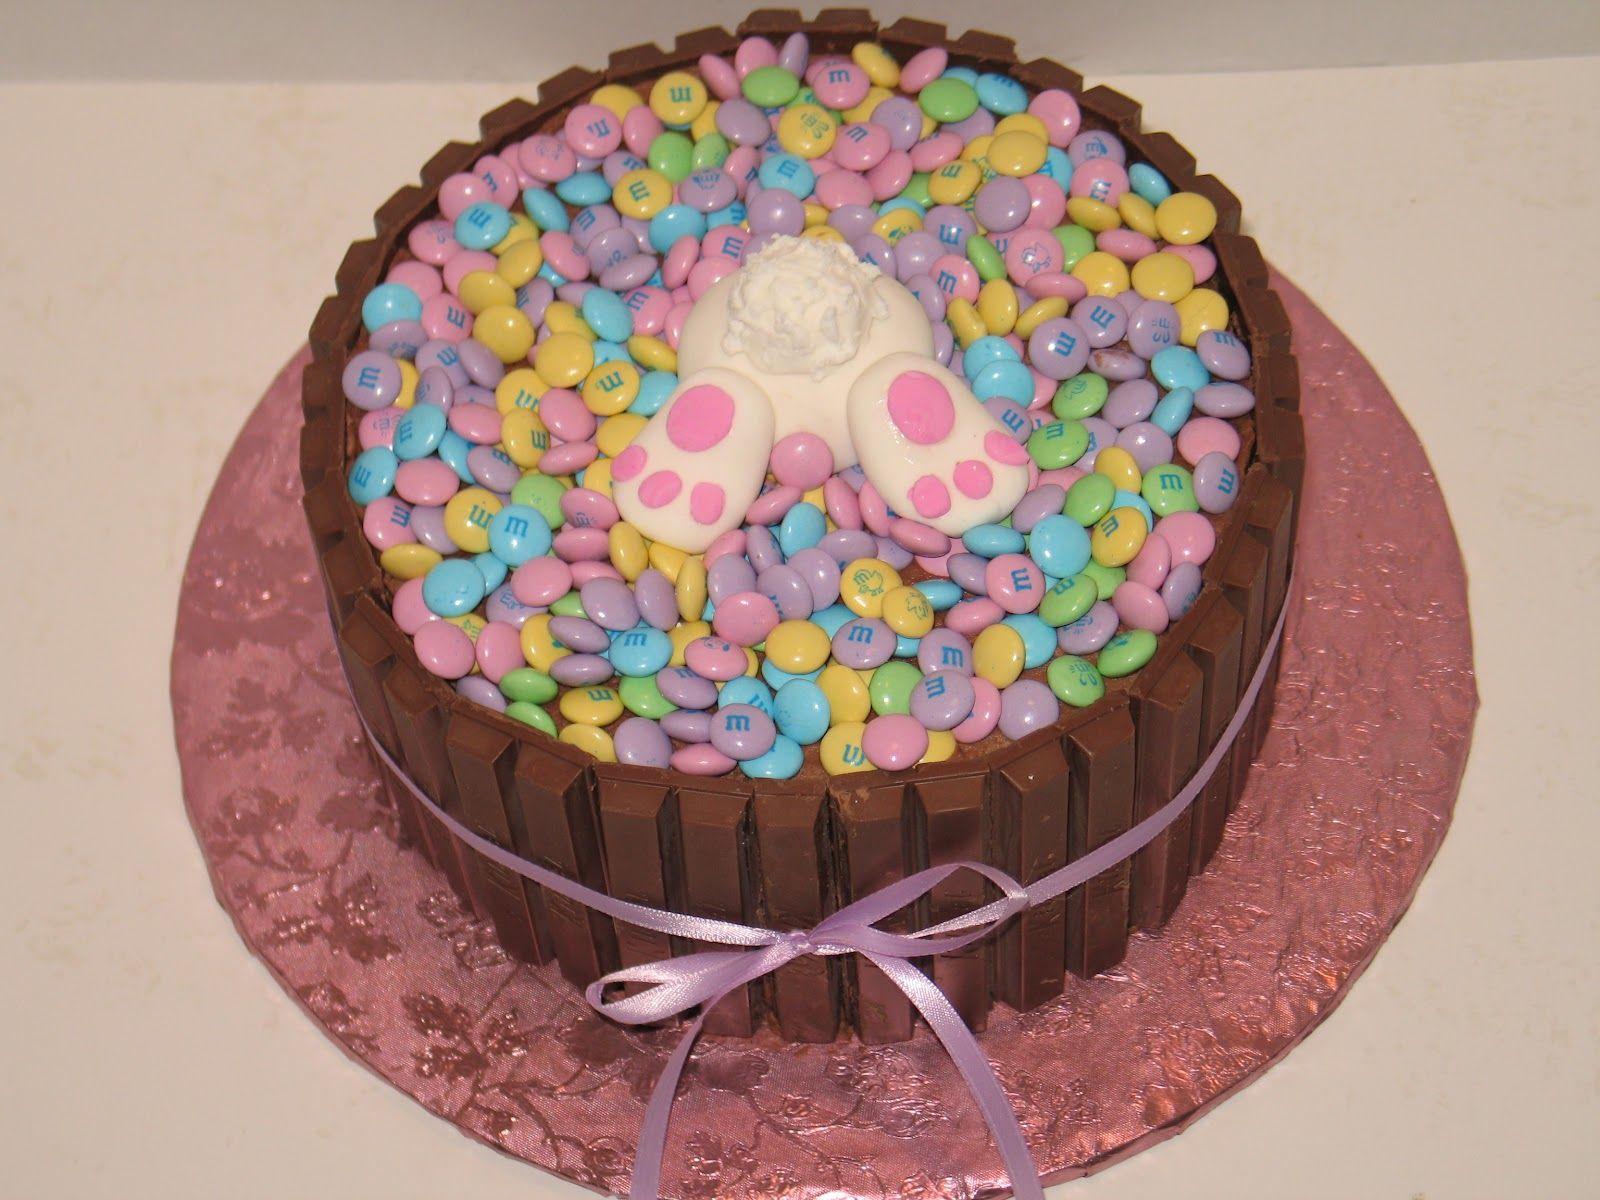 2012+Easter+bunny+cake.JPG (1600×1200)